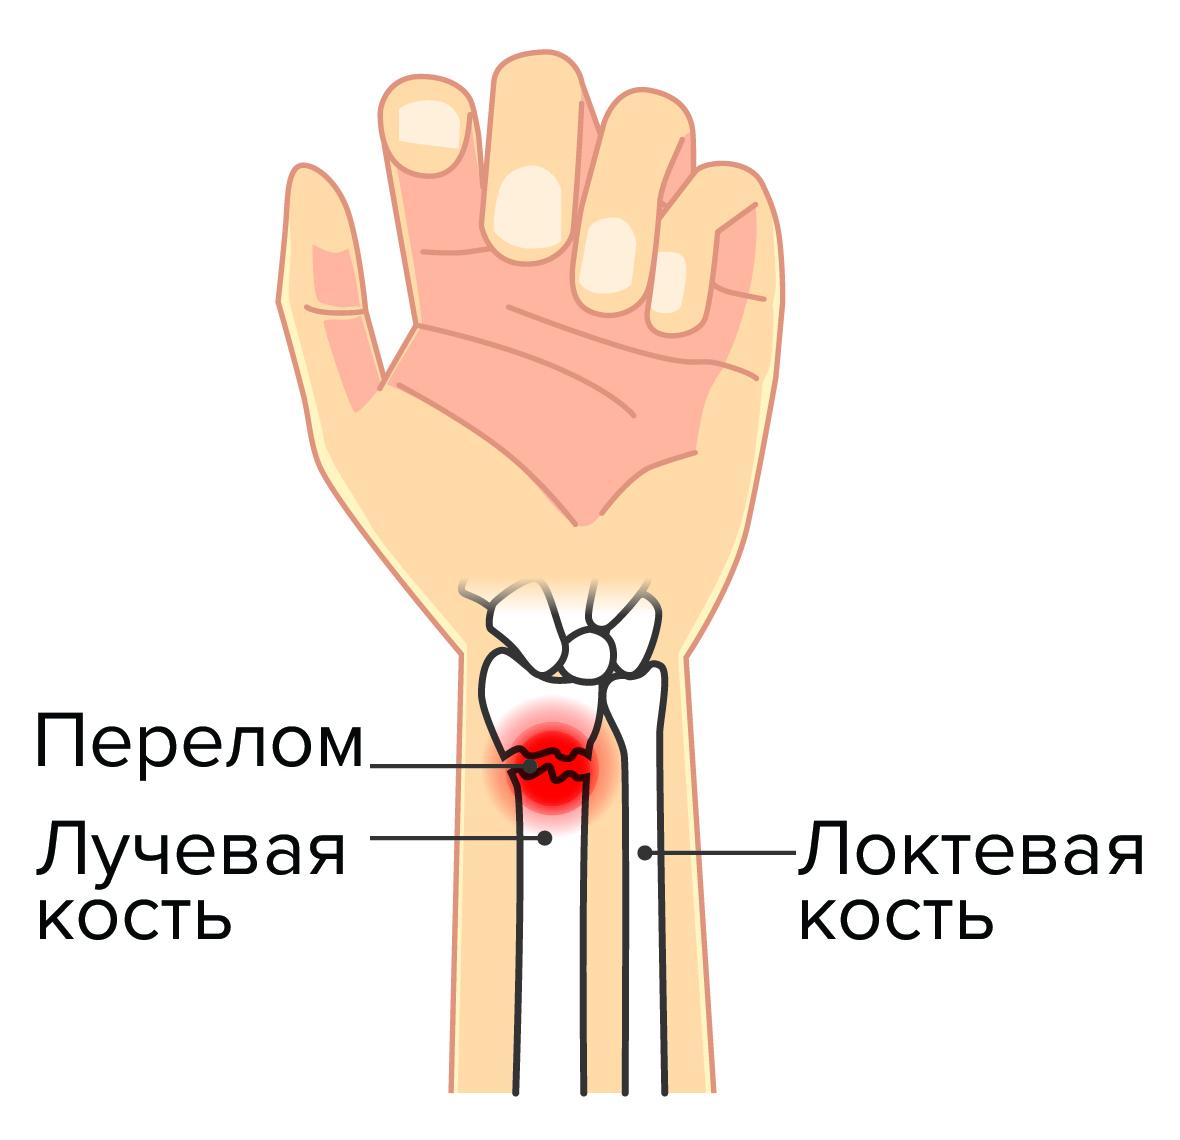 перелом нижнего конца лучевой кости фото работать